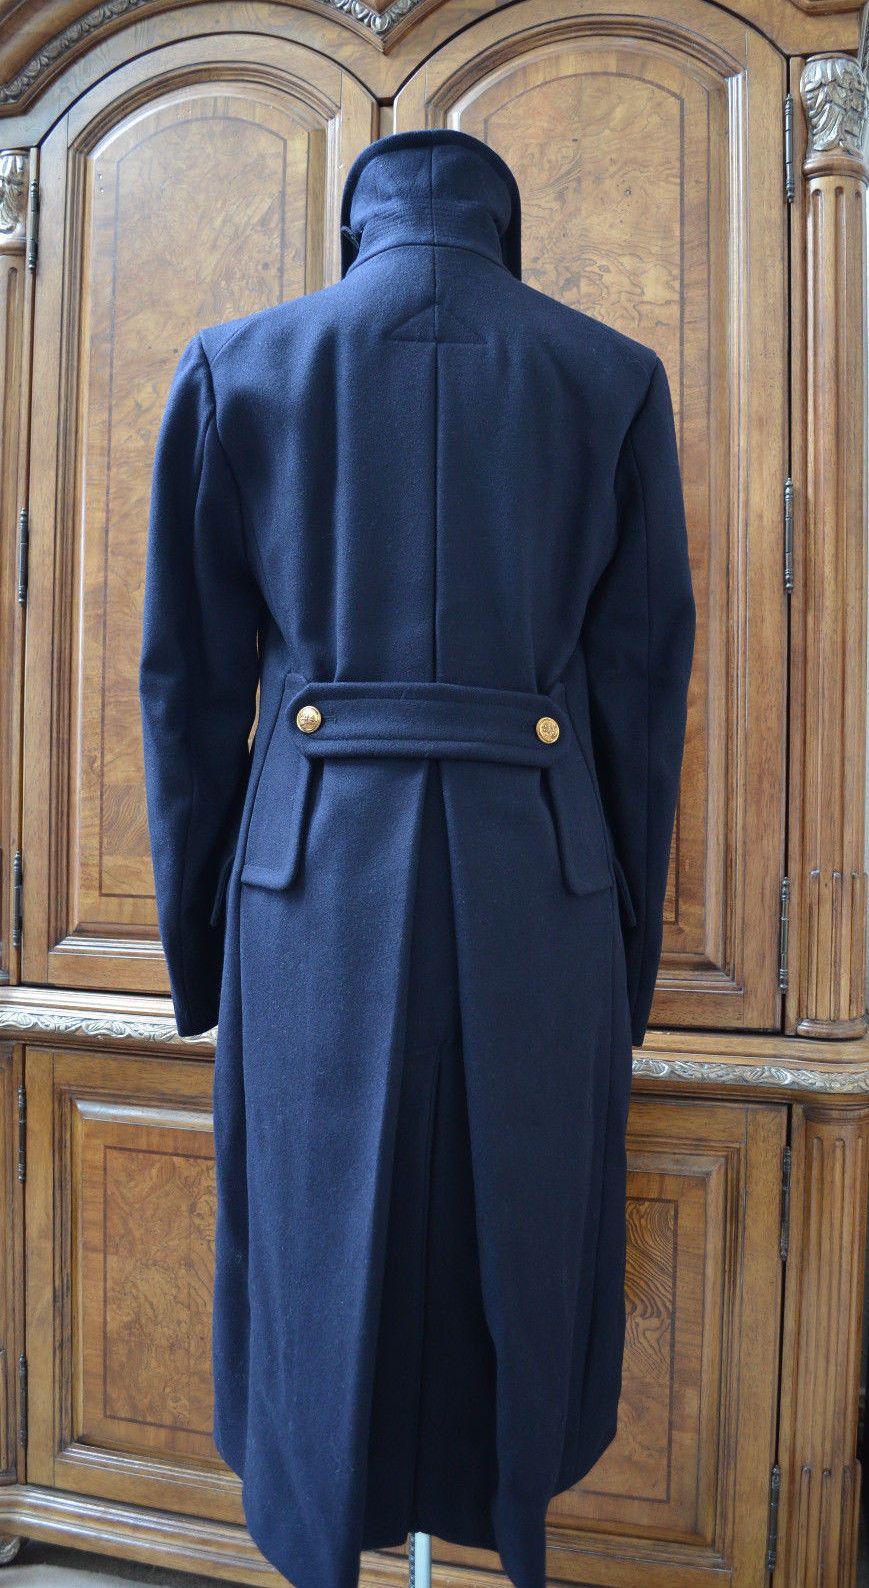 391bc15eac51 Ralph Lauren RRL Double RL Men s Navy Military Wool Long Coat Pea Coat  Jacket S